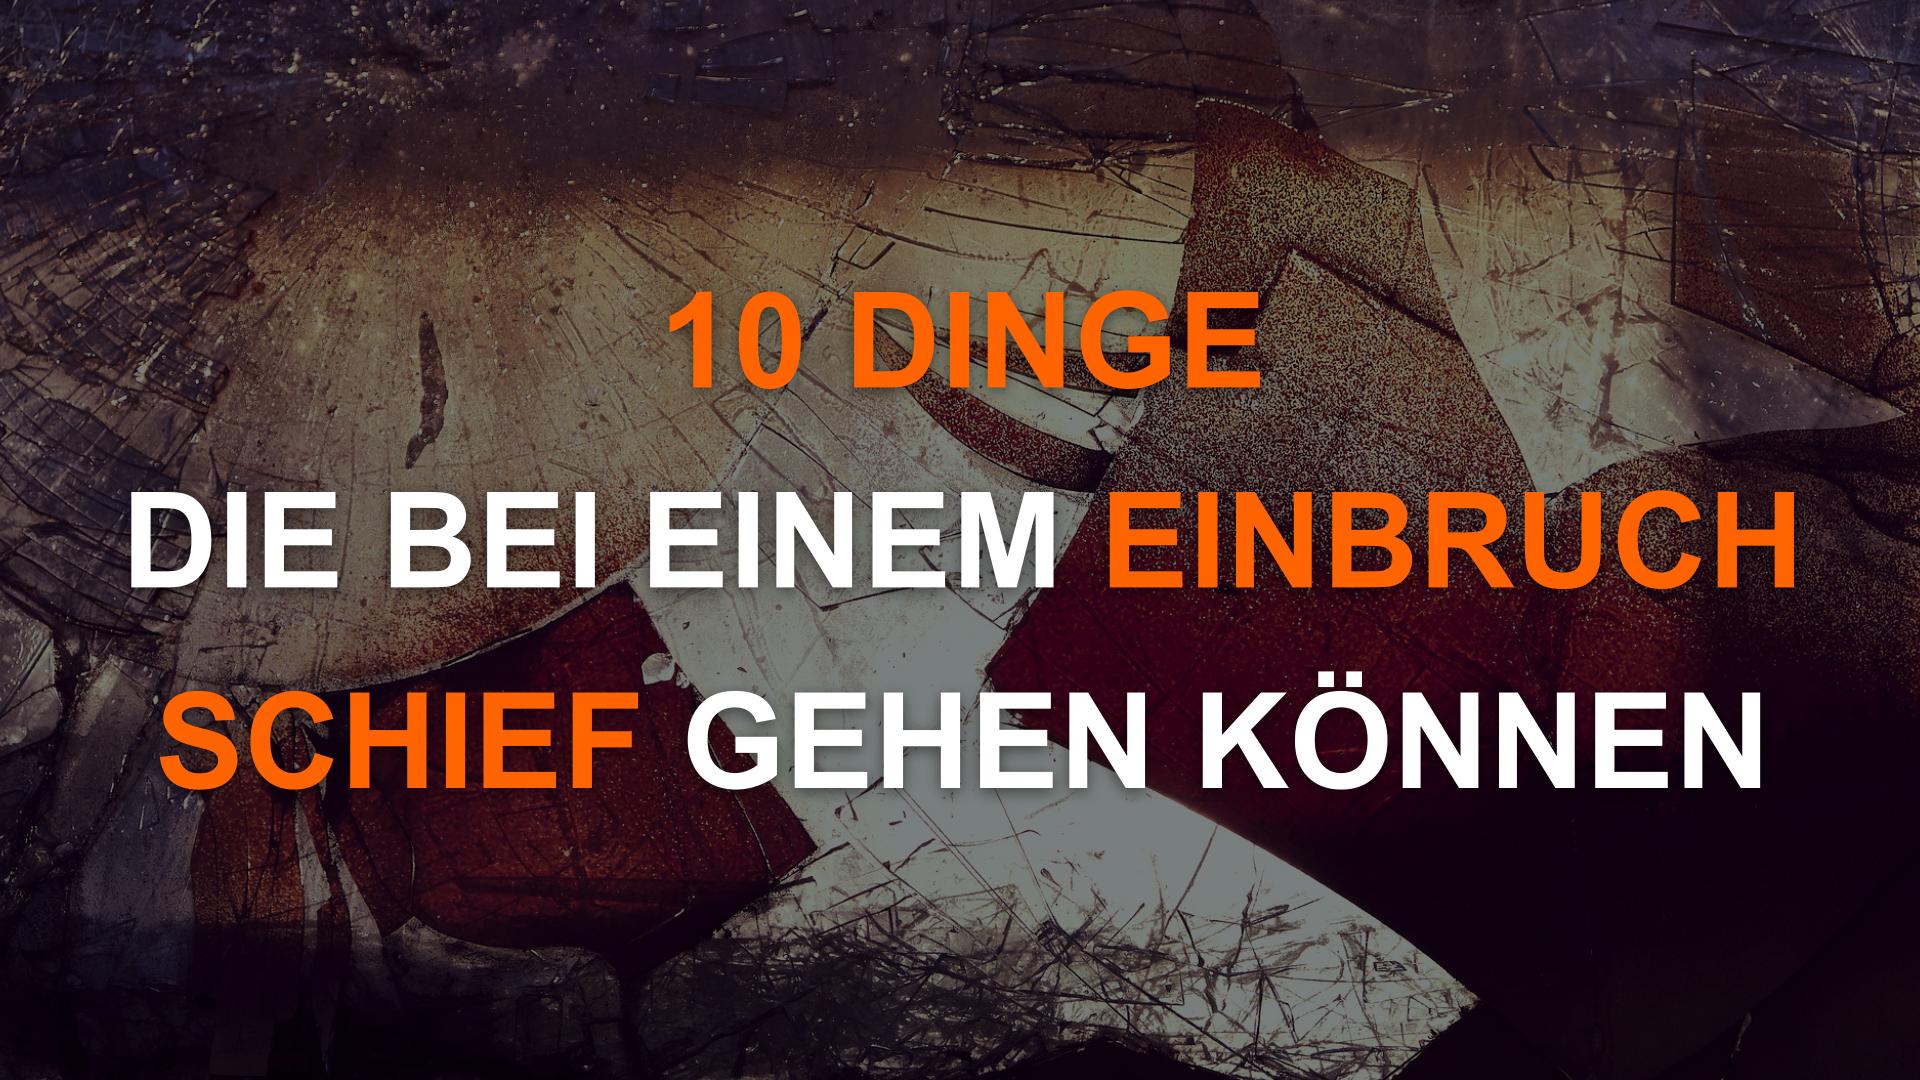 10 Dinge die bei einem Einbruch schief gehen können